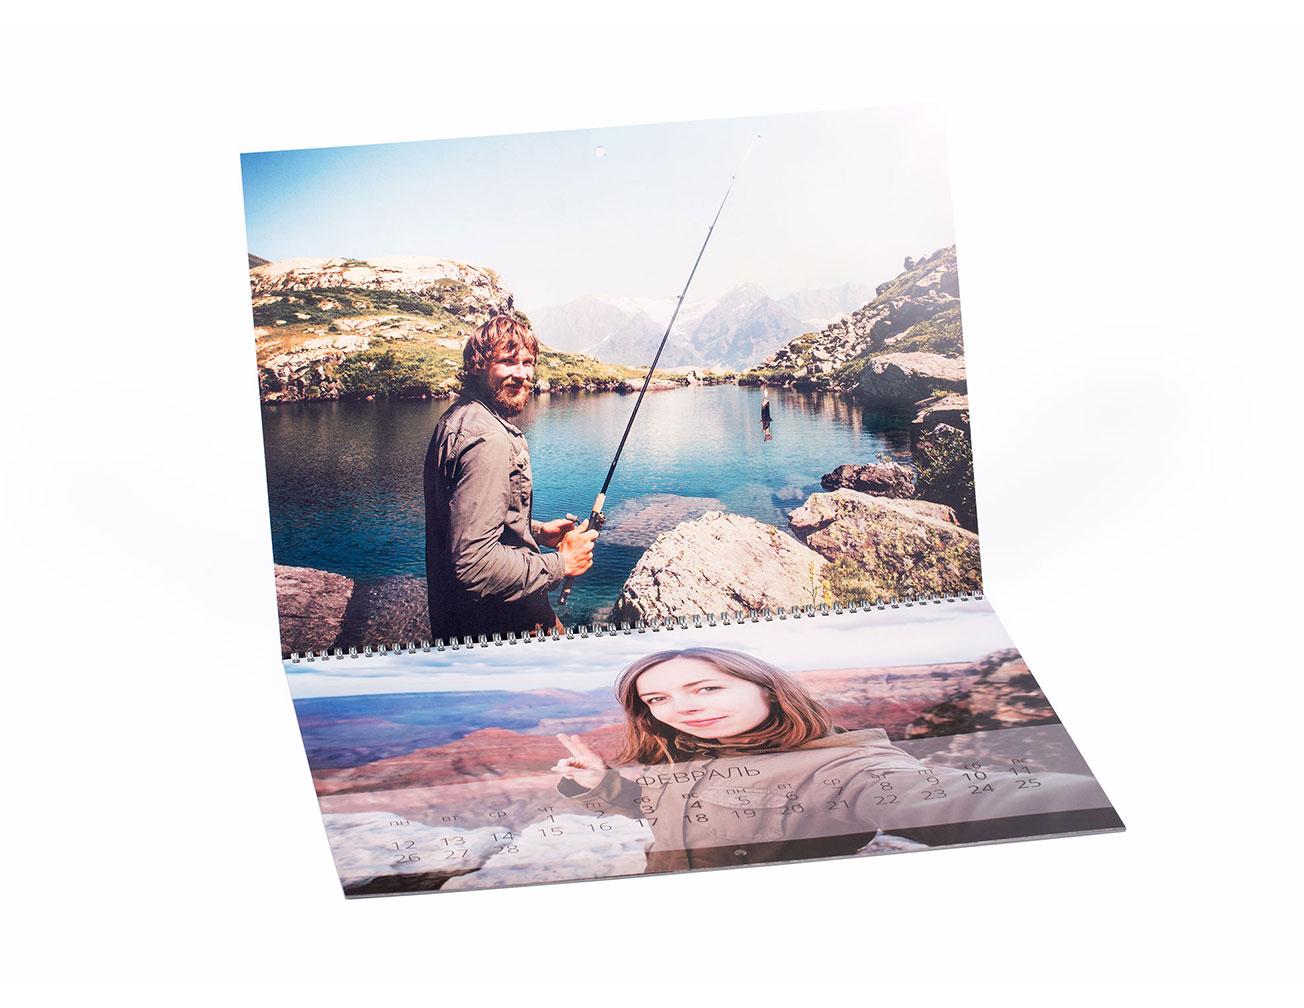 Календарь с фото раскладной А2: изготовление и печать на заказ в NetPrint